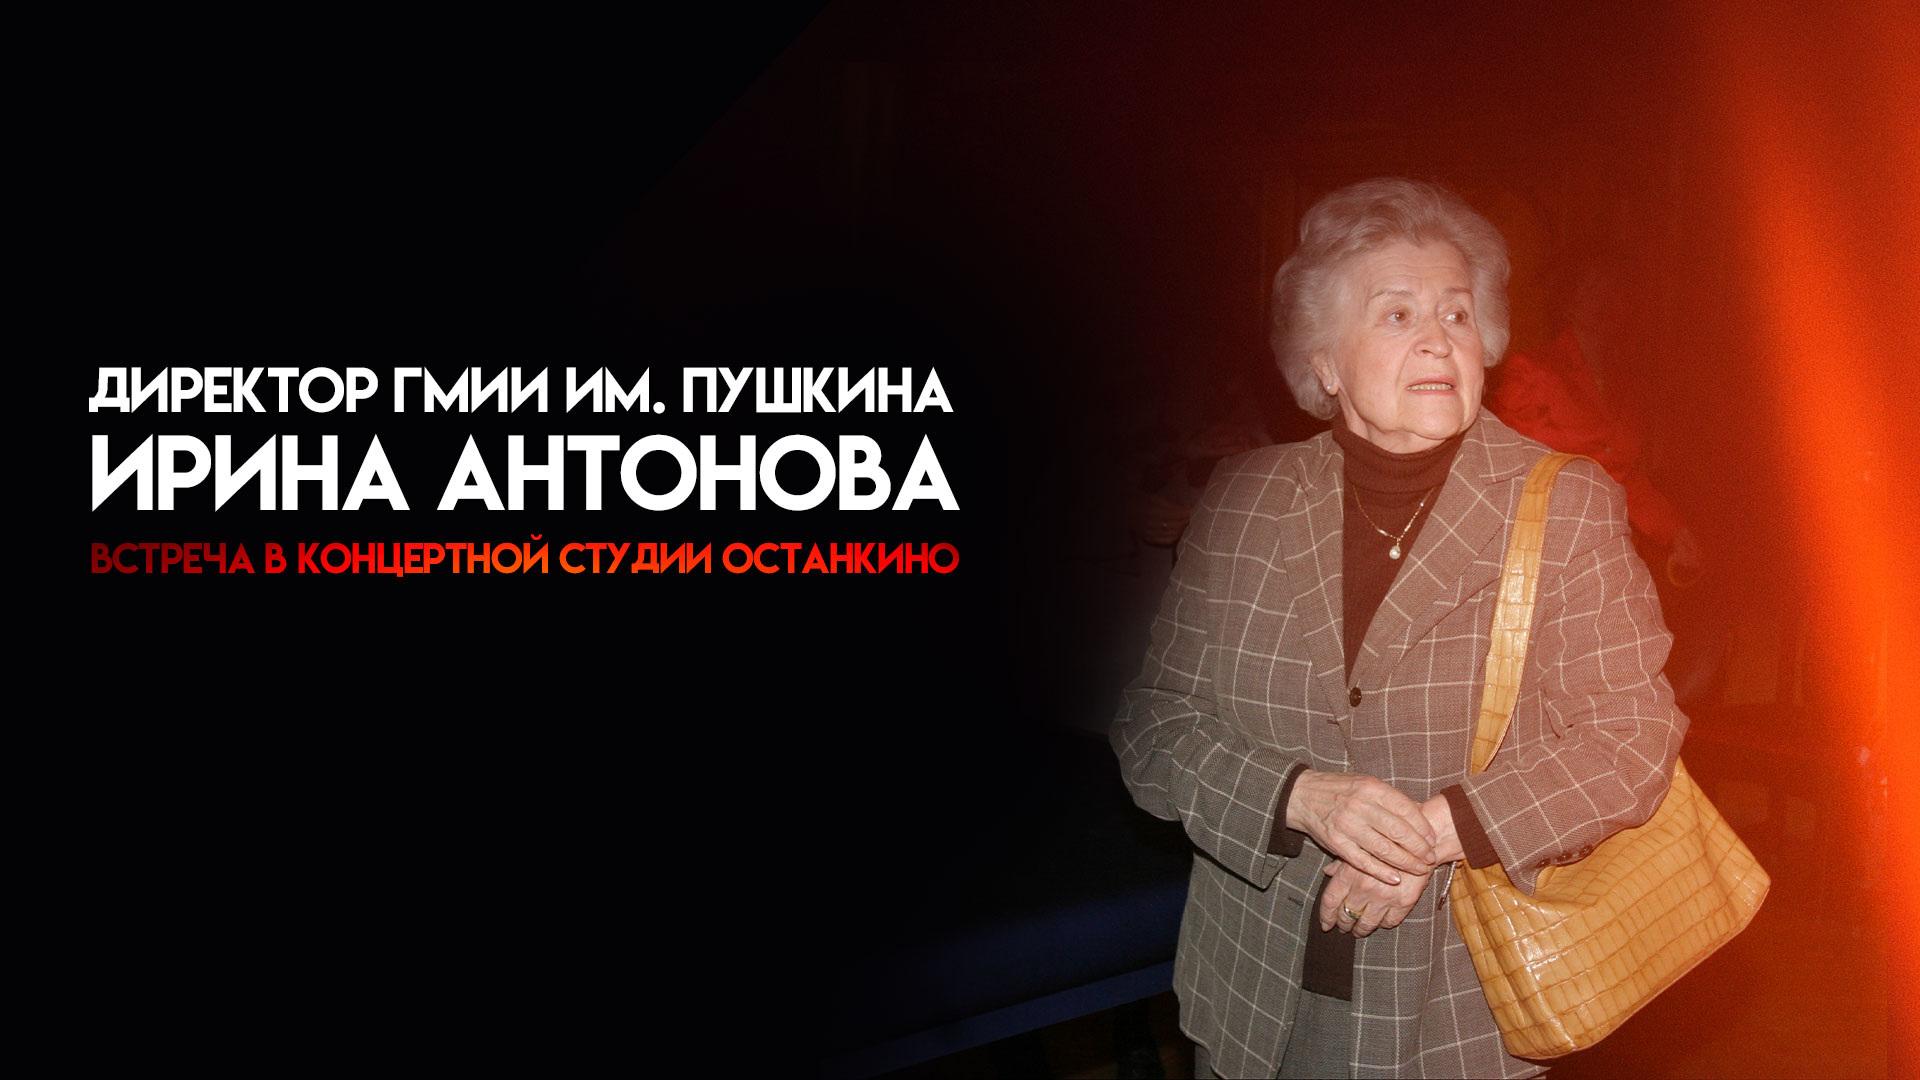 Директор ГМИИ им. Пушкина Ирина Антонова. Встреча в Концертной студии Останкино